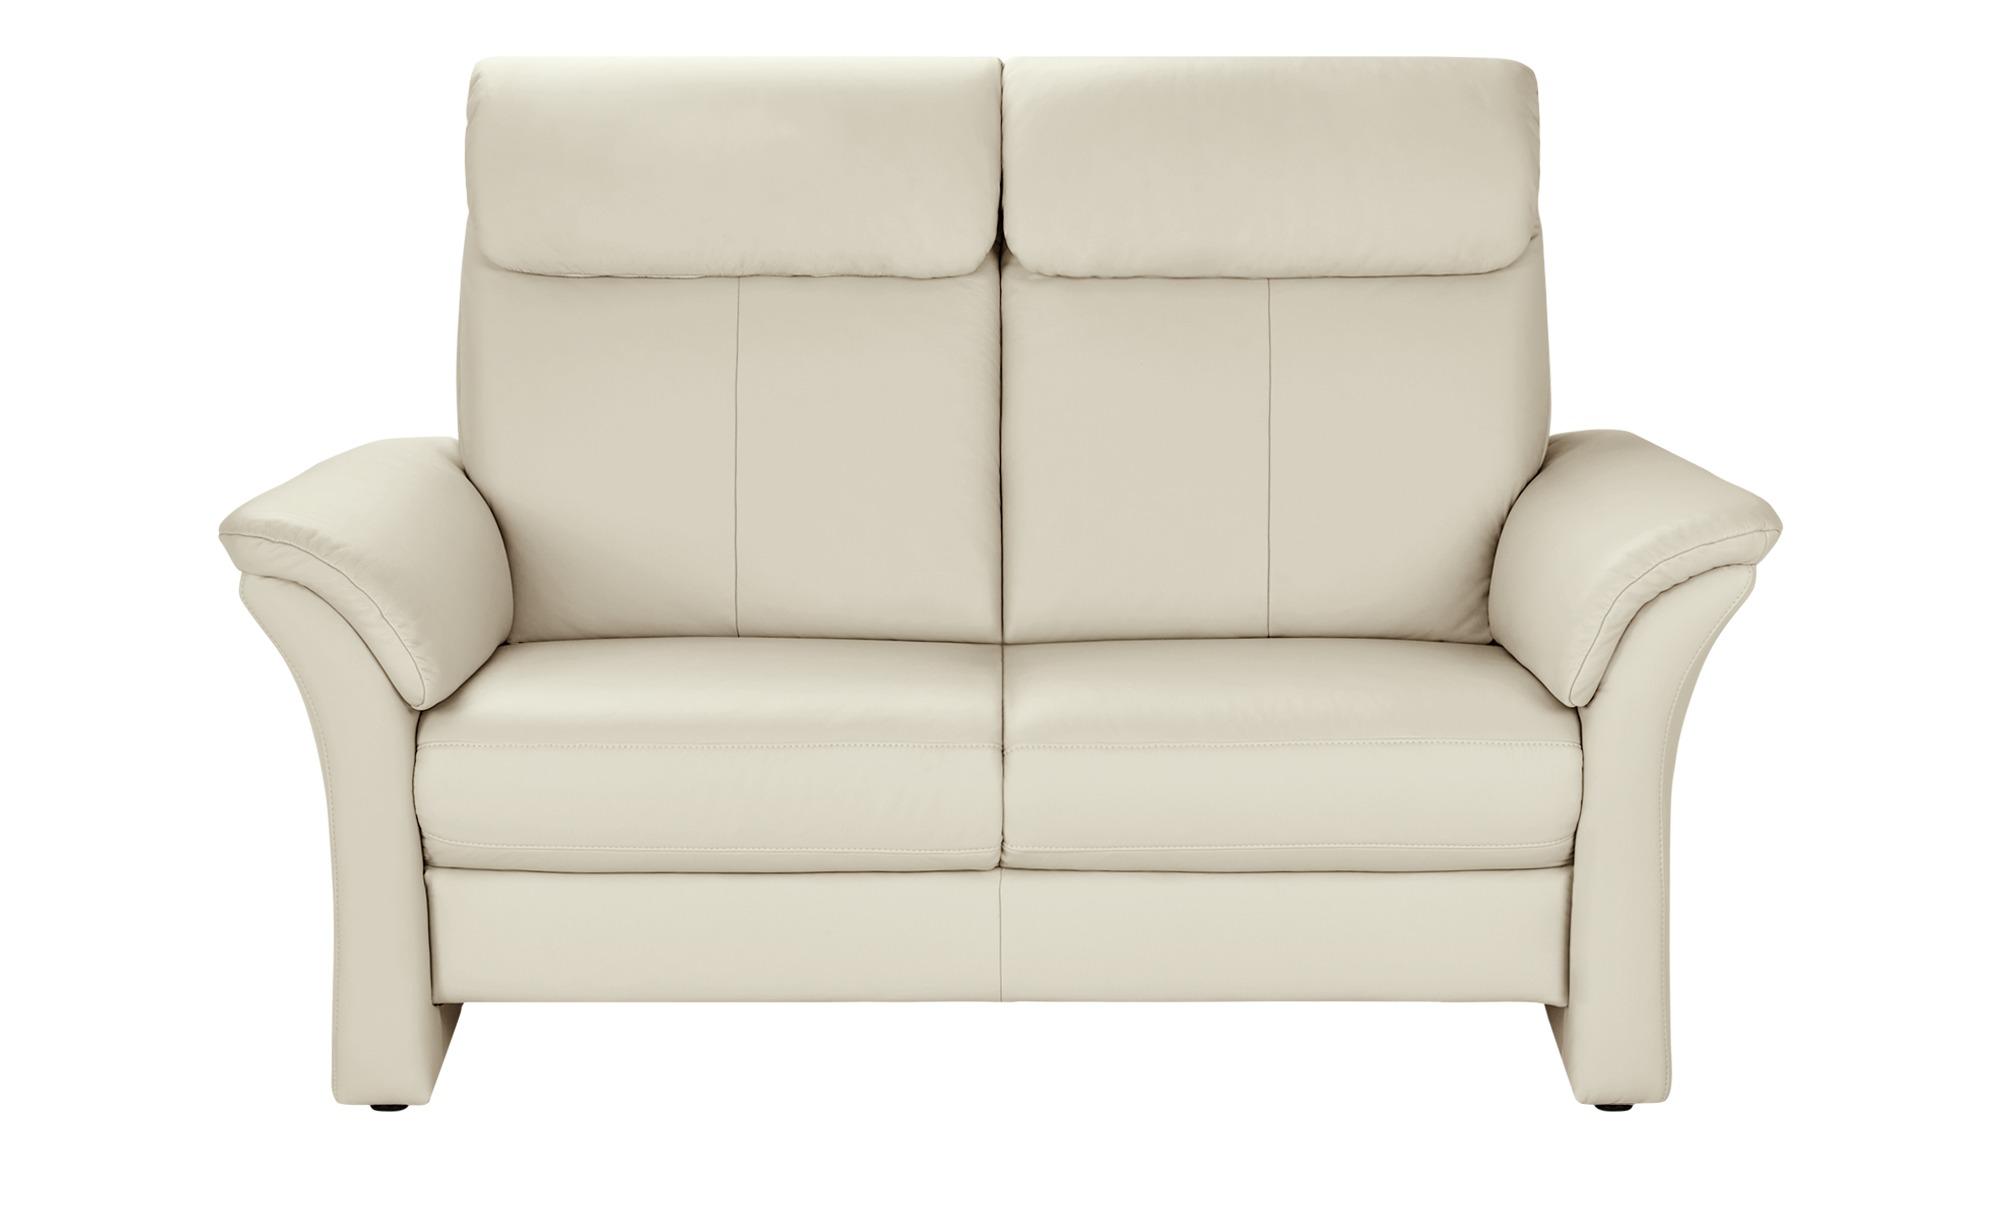 Wohnwert Sofa 2-Sitzer  Lena ¦ weiß ¦ Maße (cm): B: 168 H: 107 T: 97 Polstermöbel > Sofas > 2-Sitzer - Höffner